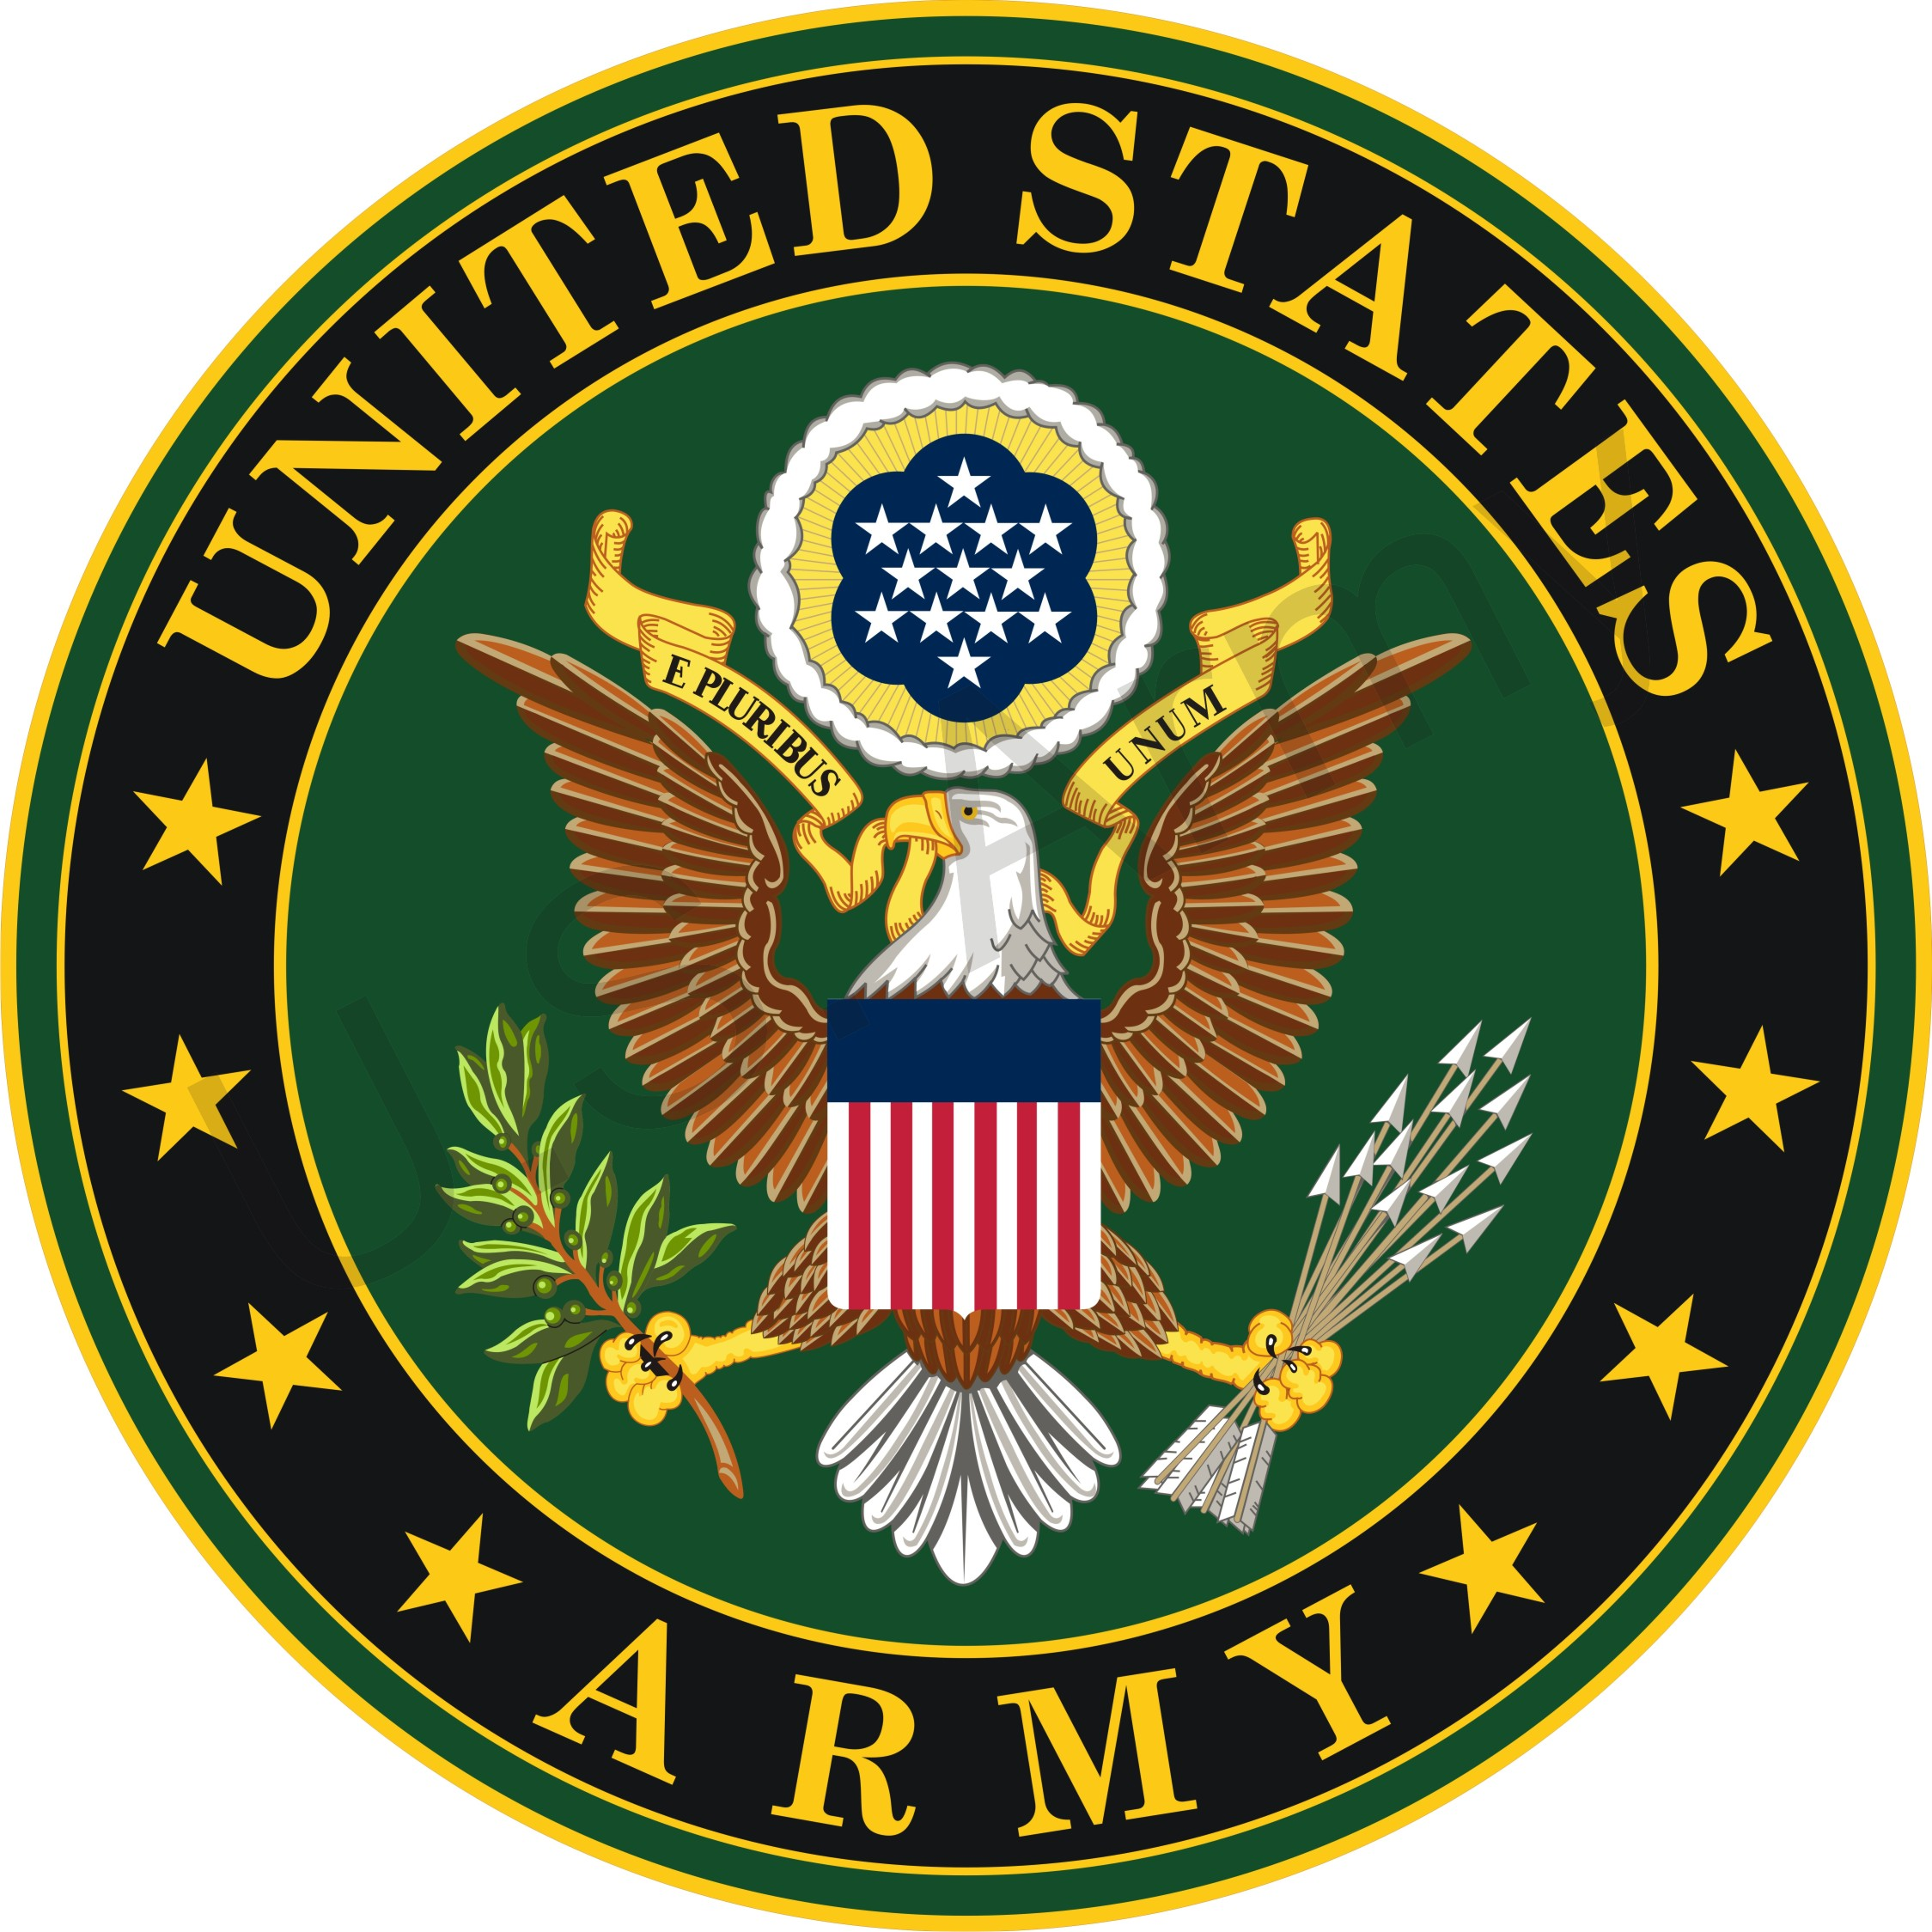 2249x2249 Navy Emblem Clipart